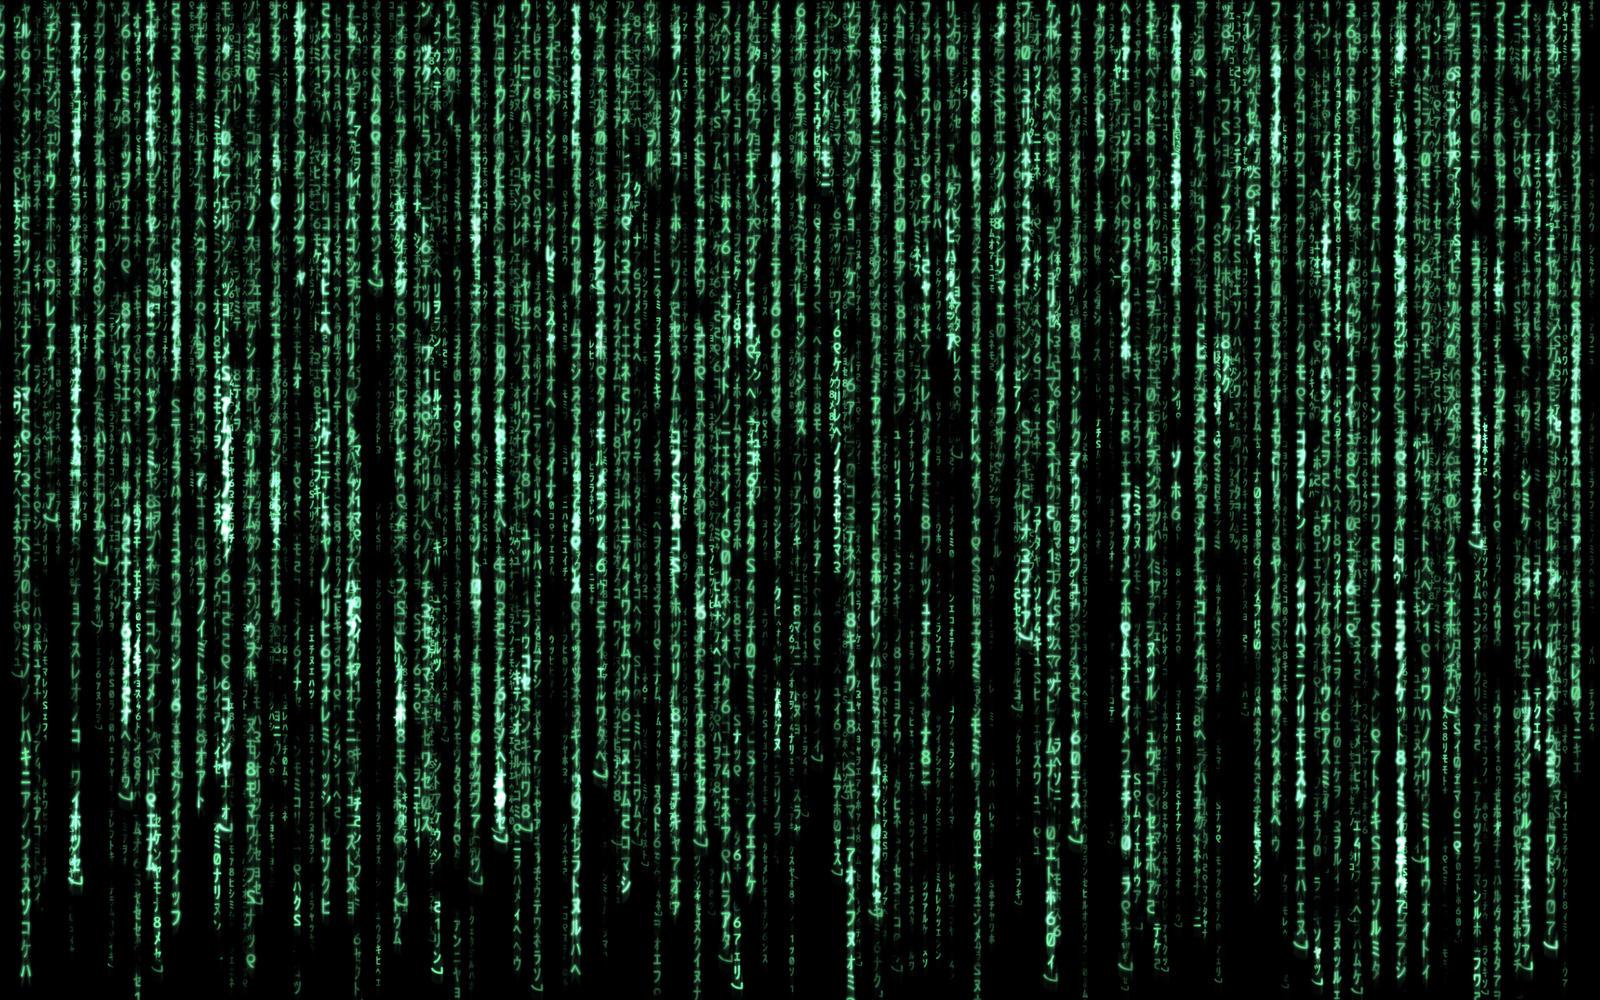 Matrix code wallpaper by Revarn on DeviantArt